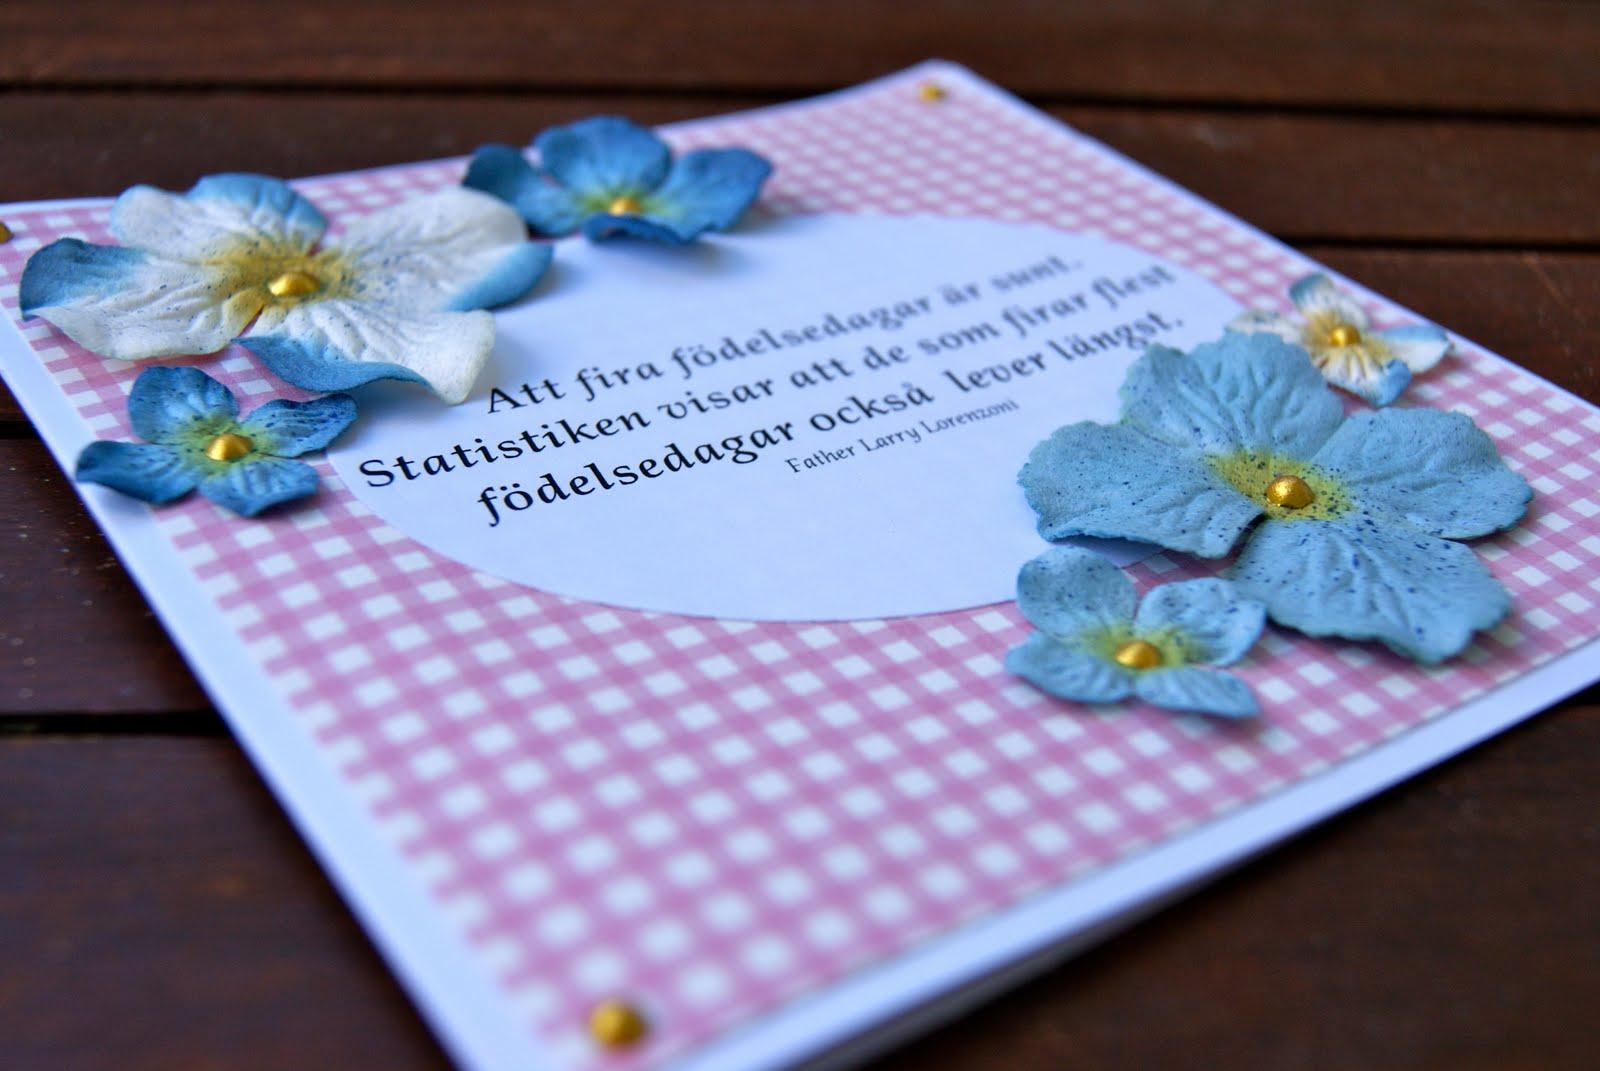 födelsedagskort text FruKrok: Födelsedagskort med text födelsedagskort text